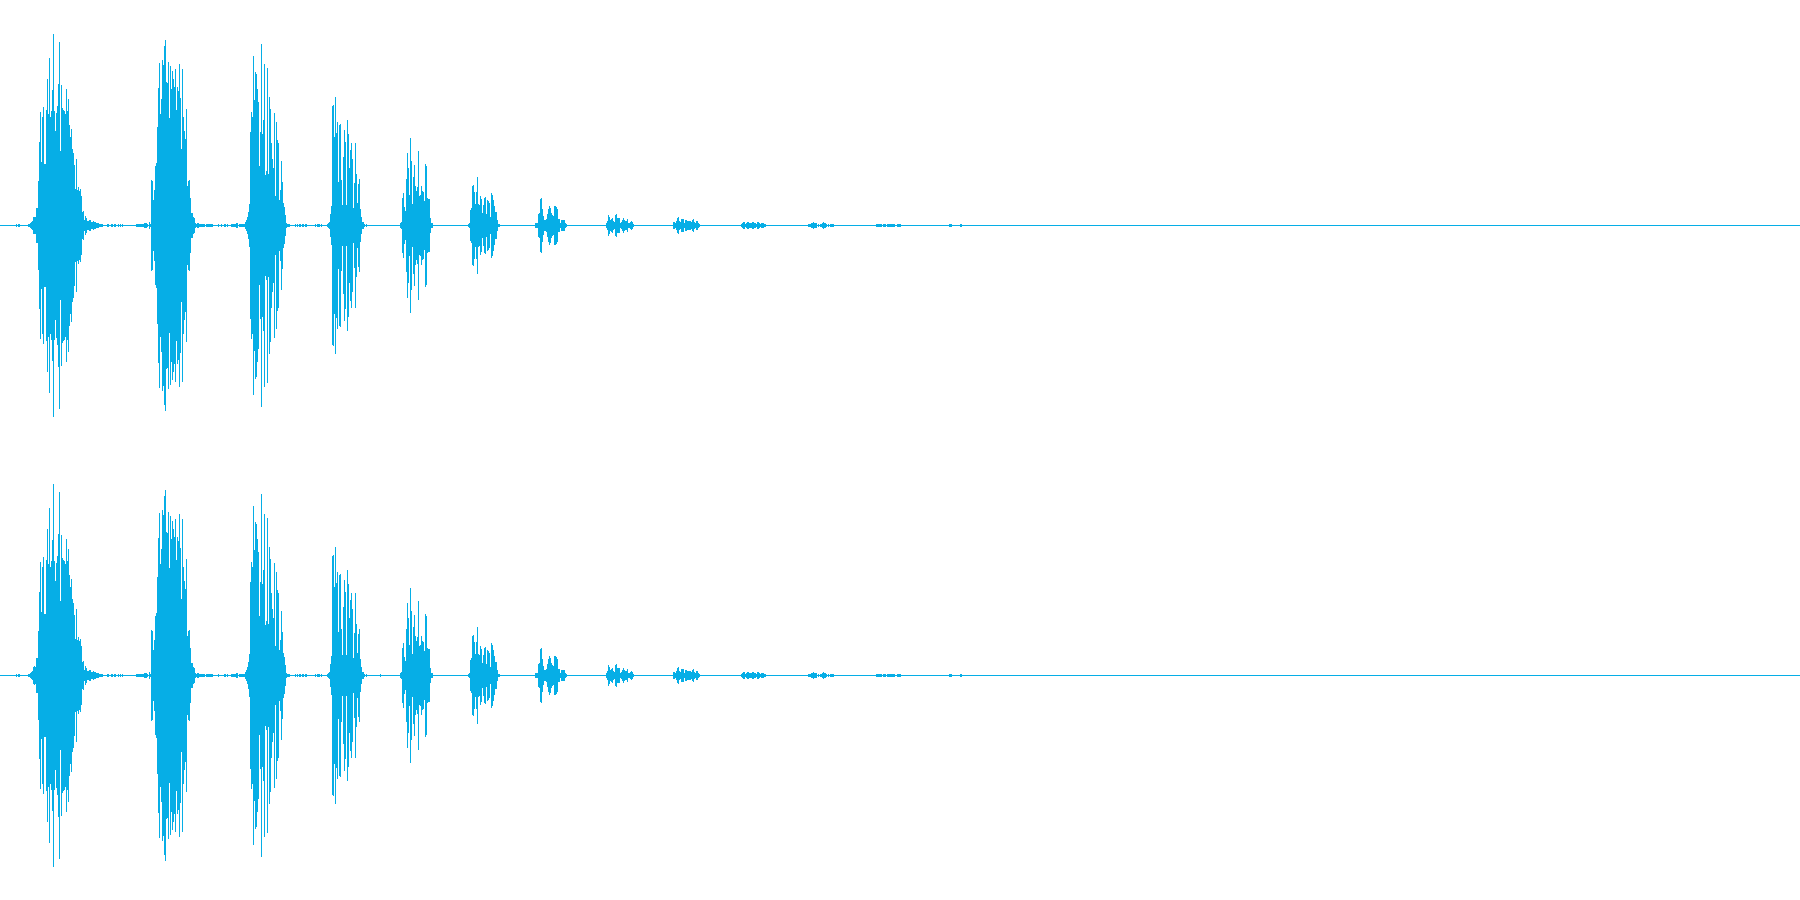 キャンセル等のイメージ(ノイズ系)の再生済みの波形